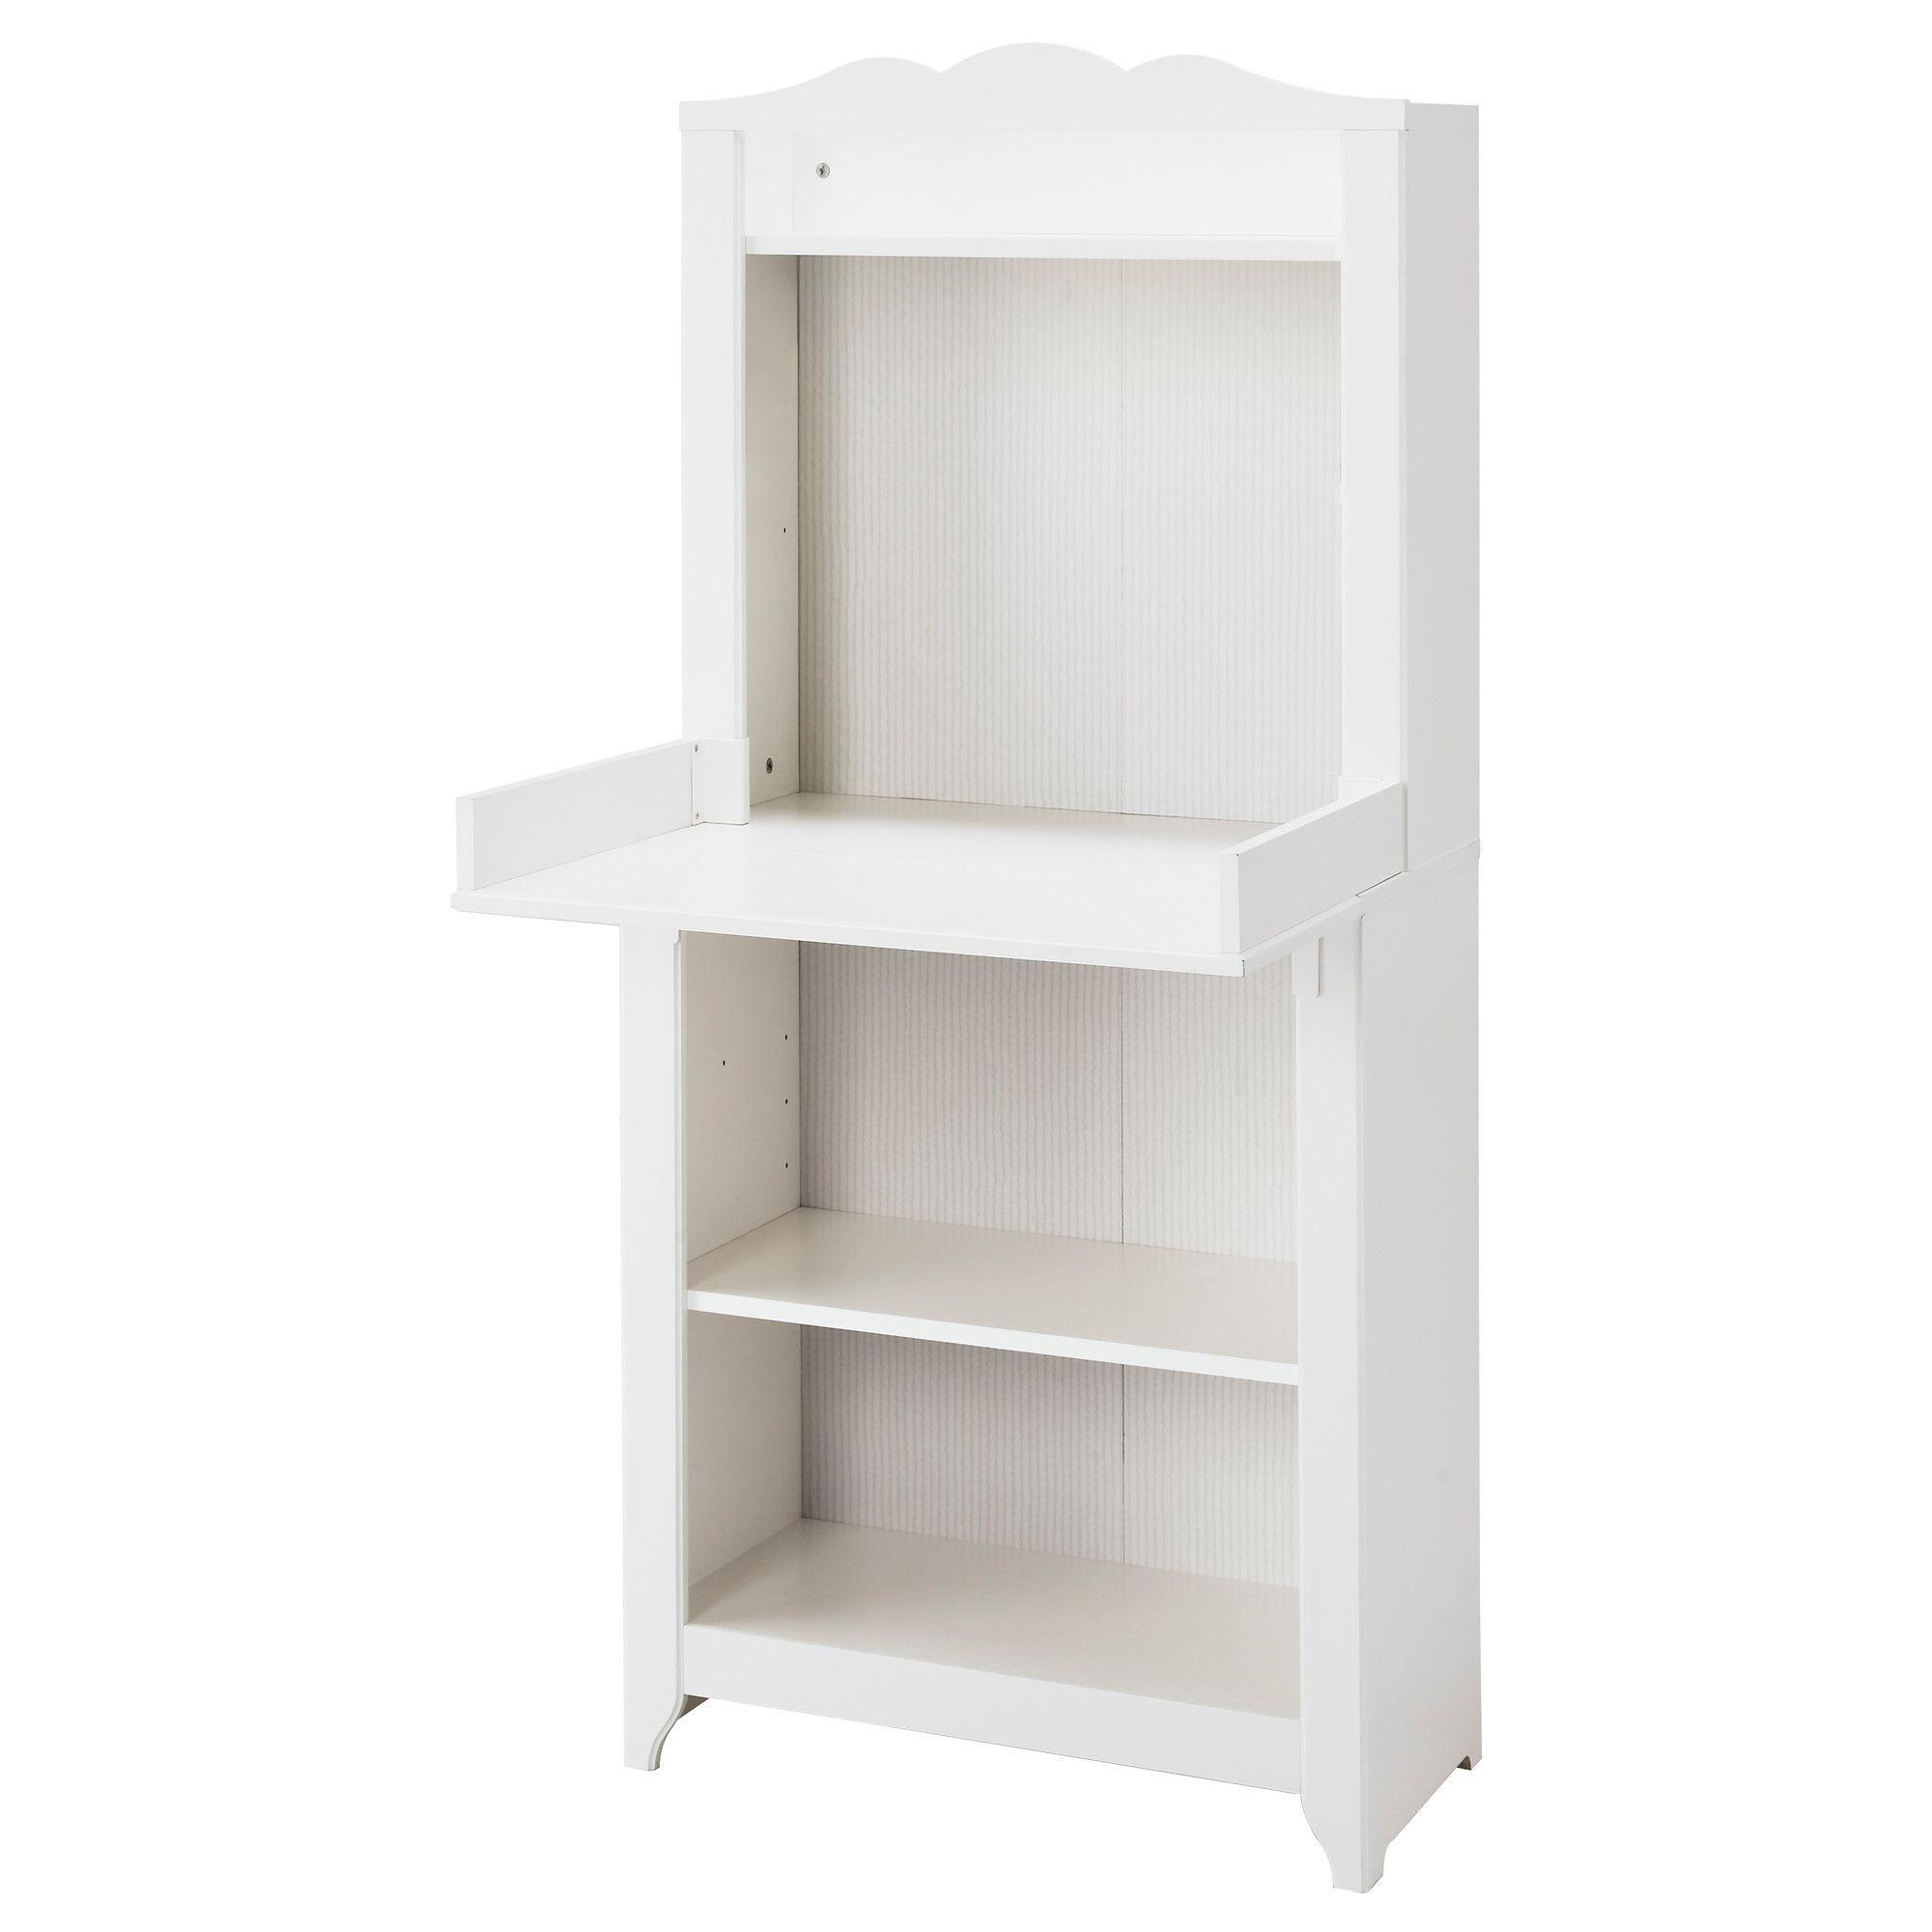 HENSVIK Masă/dulap înfăşat - IKEA | A Place Called Home ...